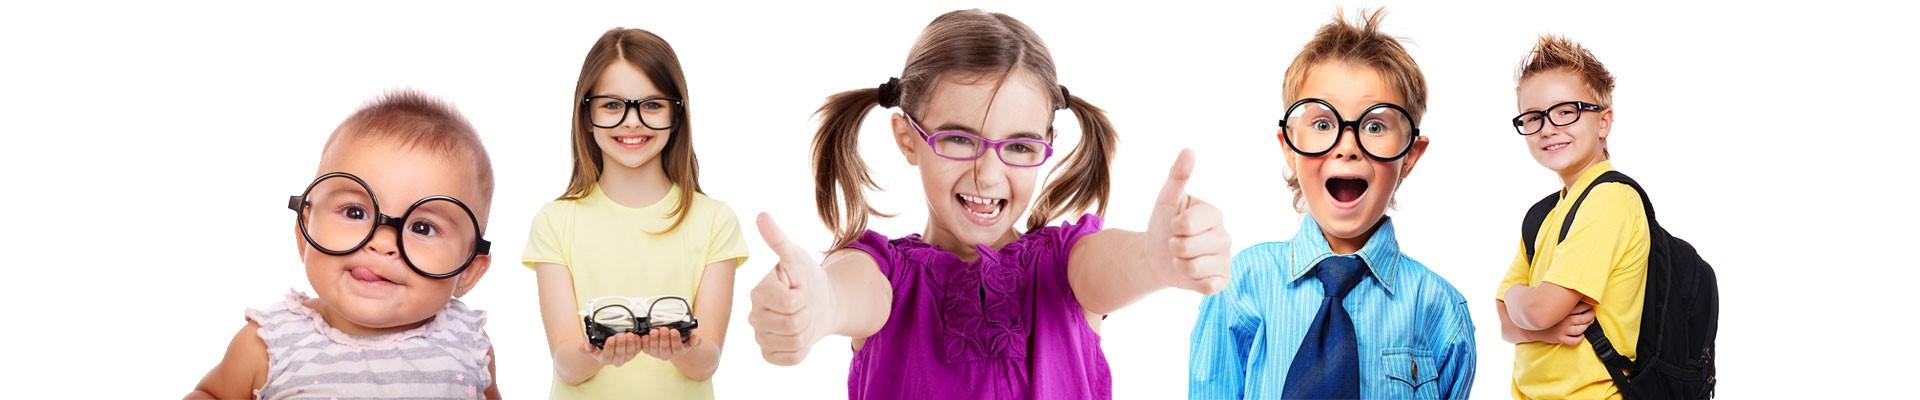 Børnebriller - Briller til børn  dc66e7090192a